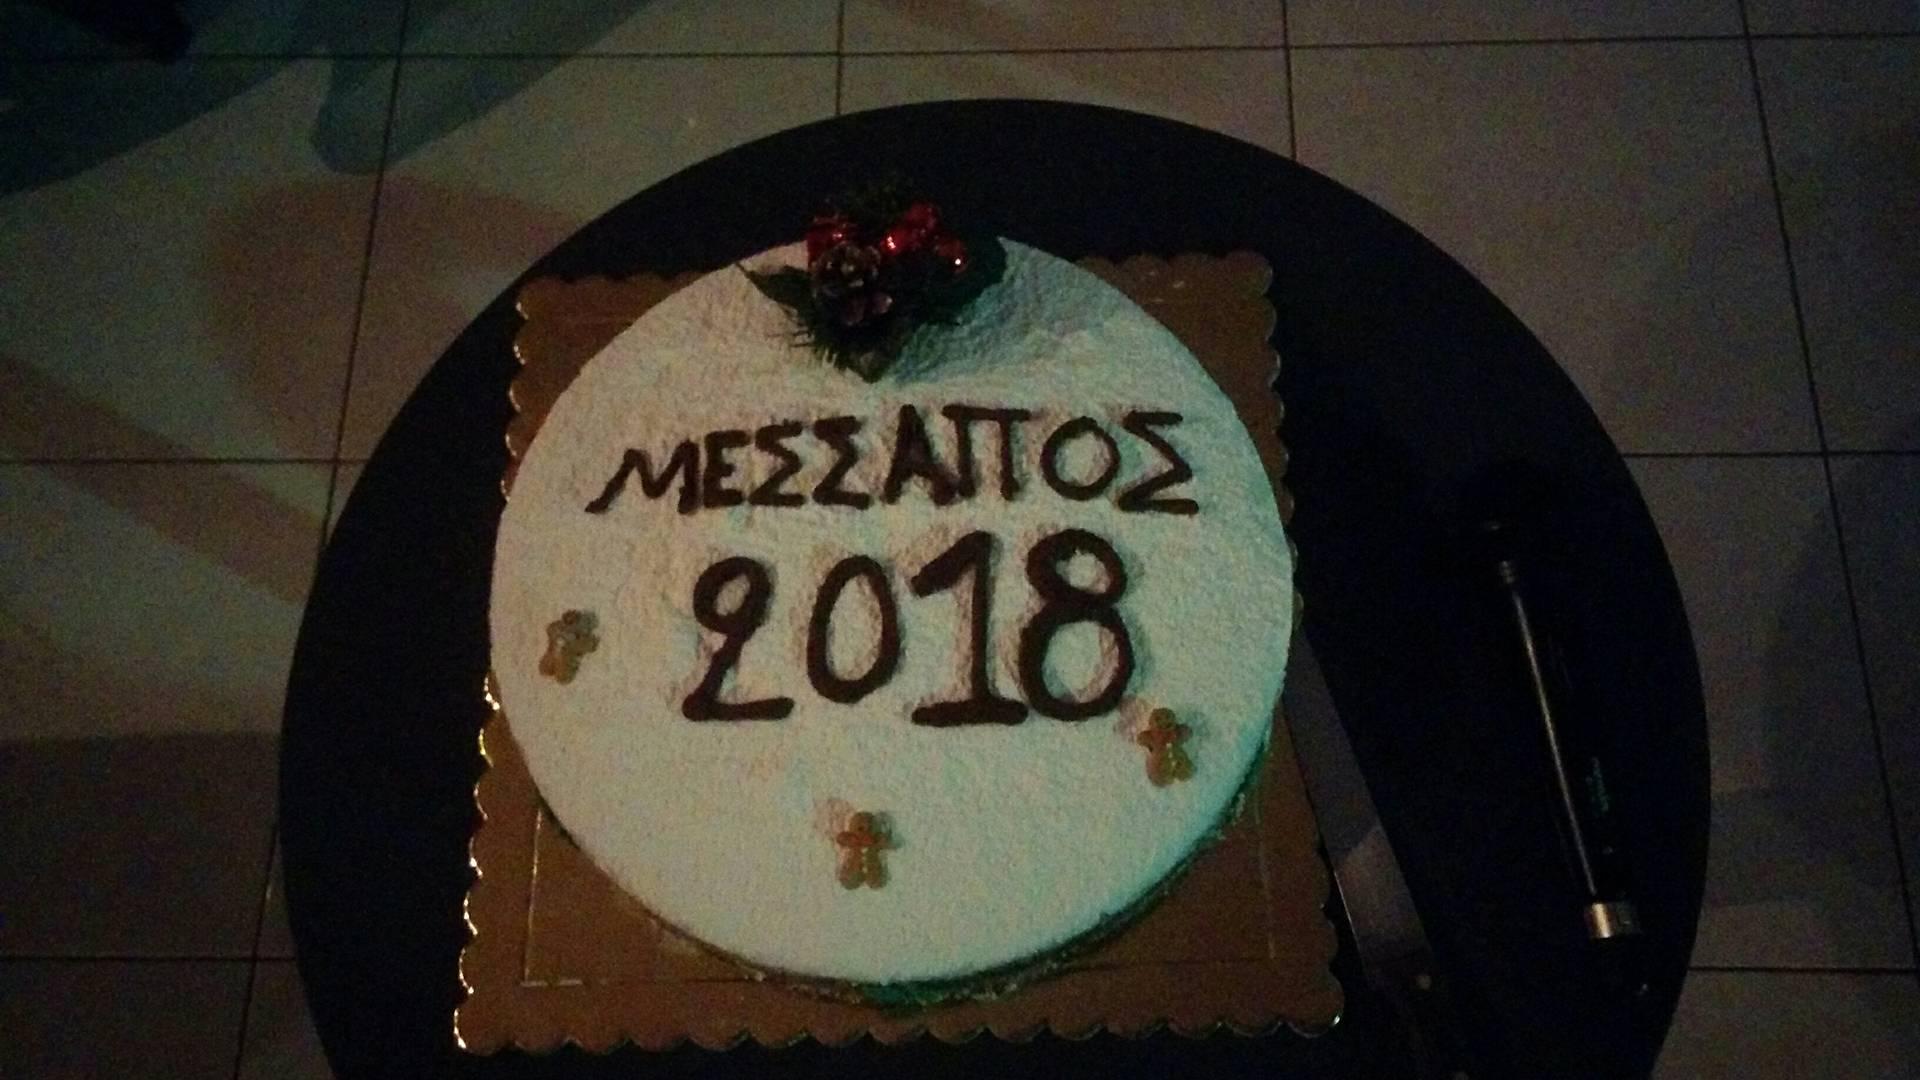 O Πολιτιστικός σύλλογος απανταχού Αγιωργιτών Τριάδος «Ο Μέσσαπος» έκοψε την πρωτοχρονιάτικη πίτα του (φωτό) 27535928 1608789425867967 1371229862 o